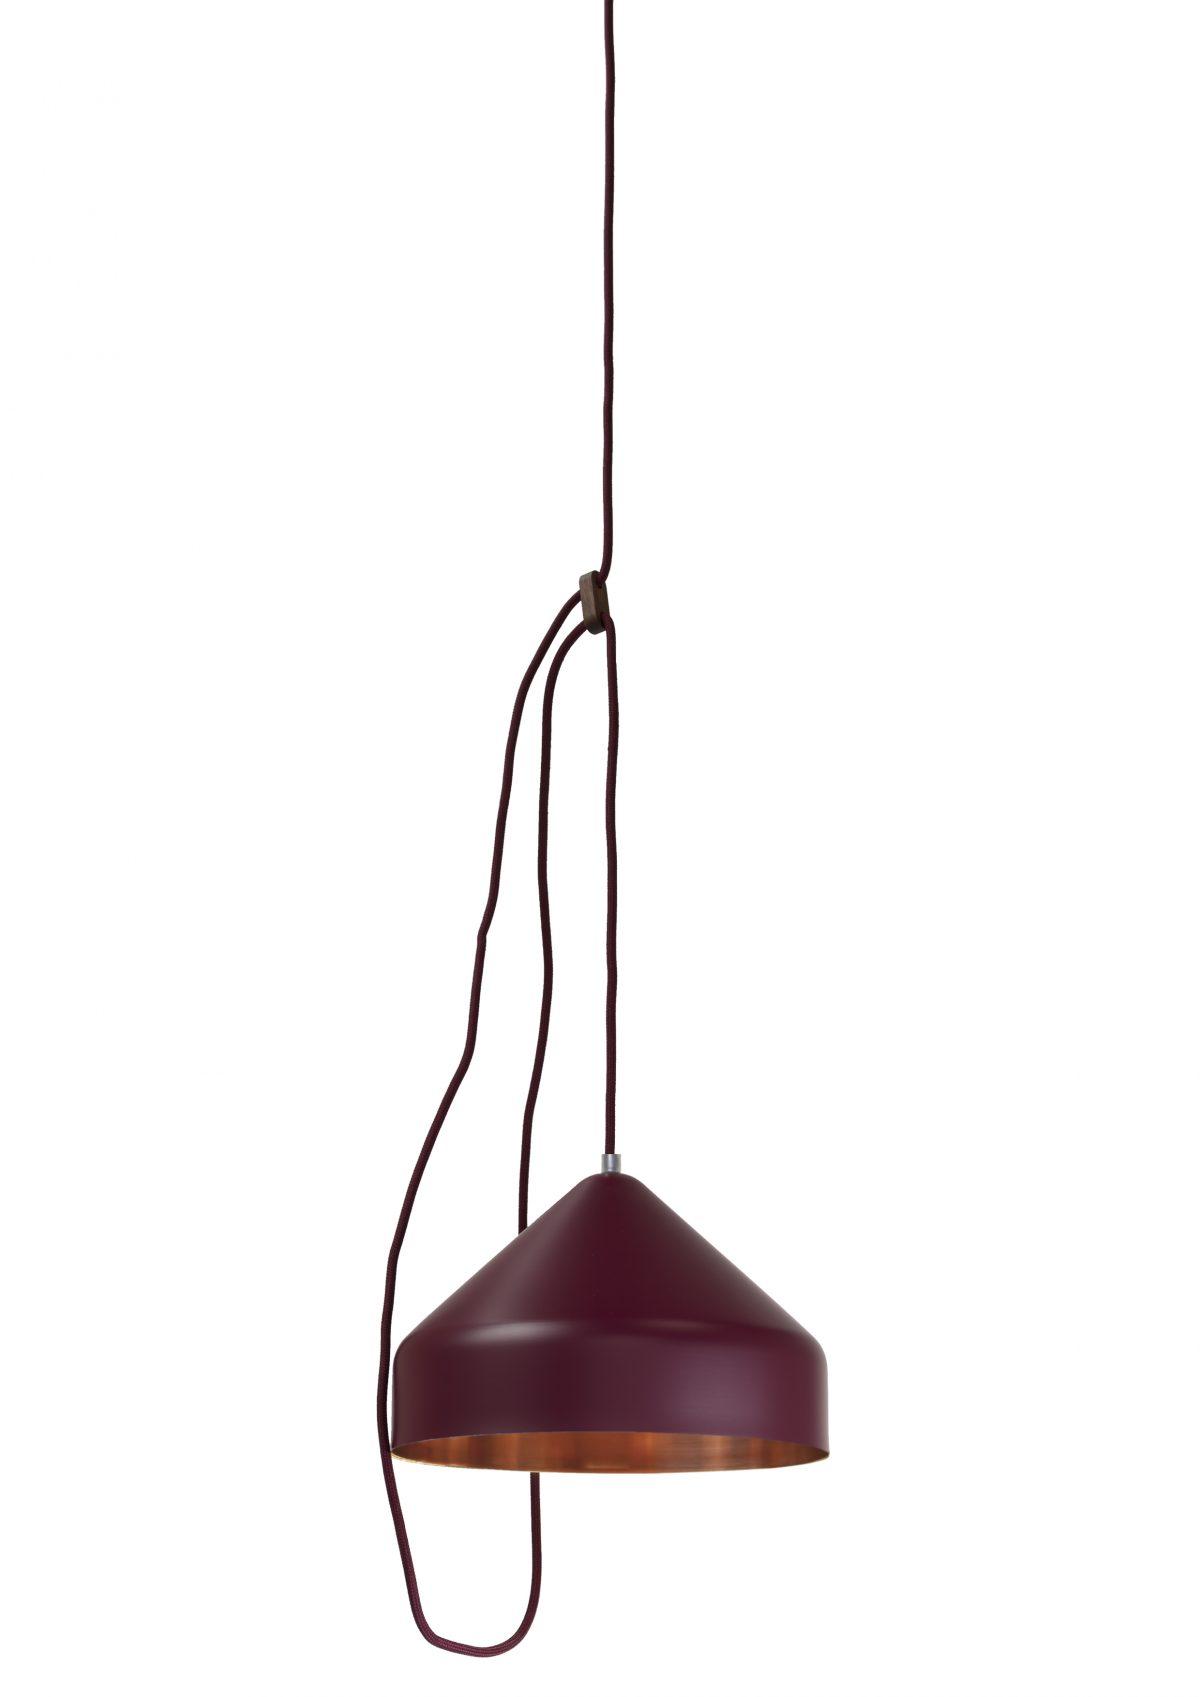 Lloop copper bordeaux NCS6030-R20B Llus rood koper Vij5 – Gimmiishop